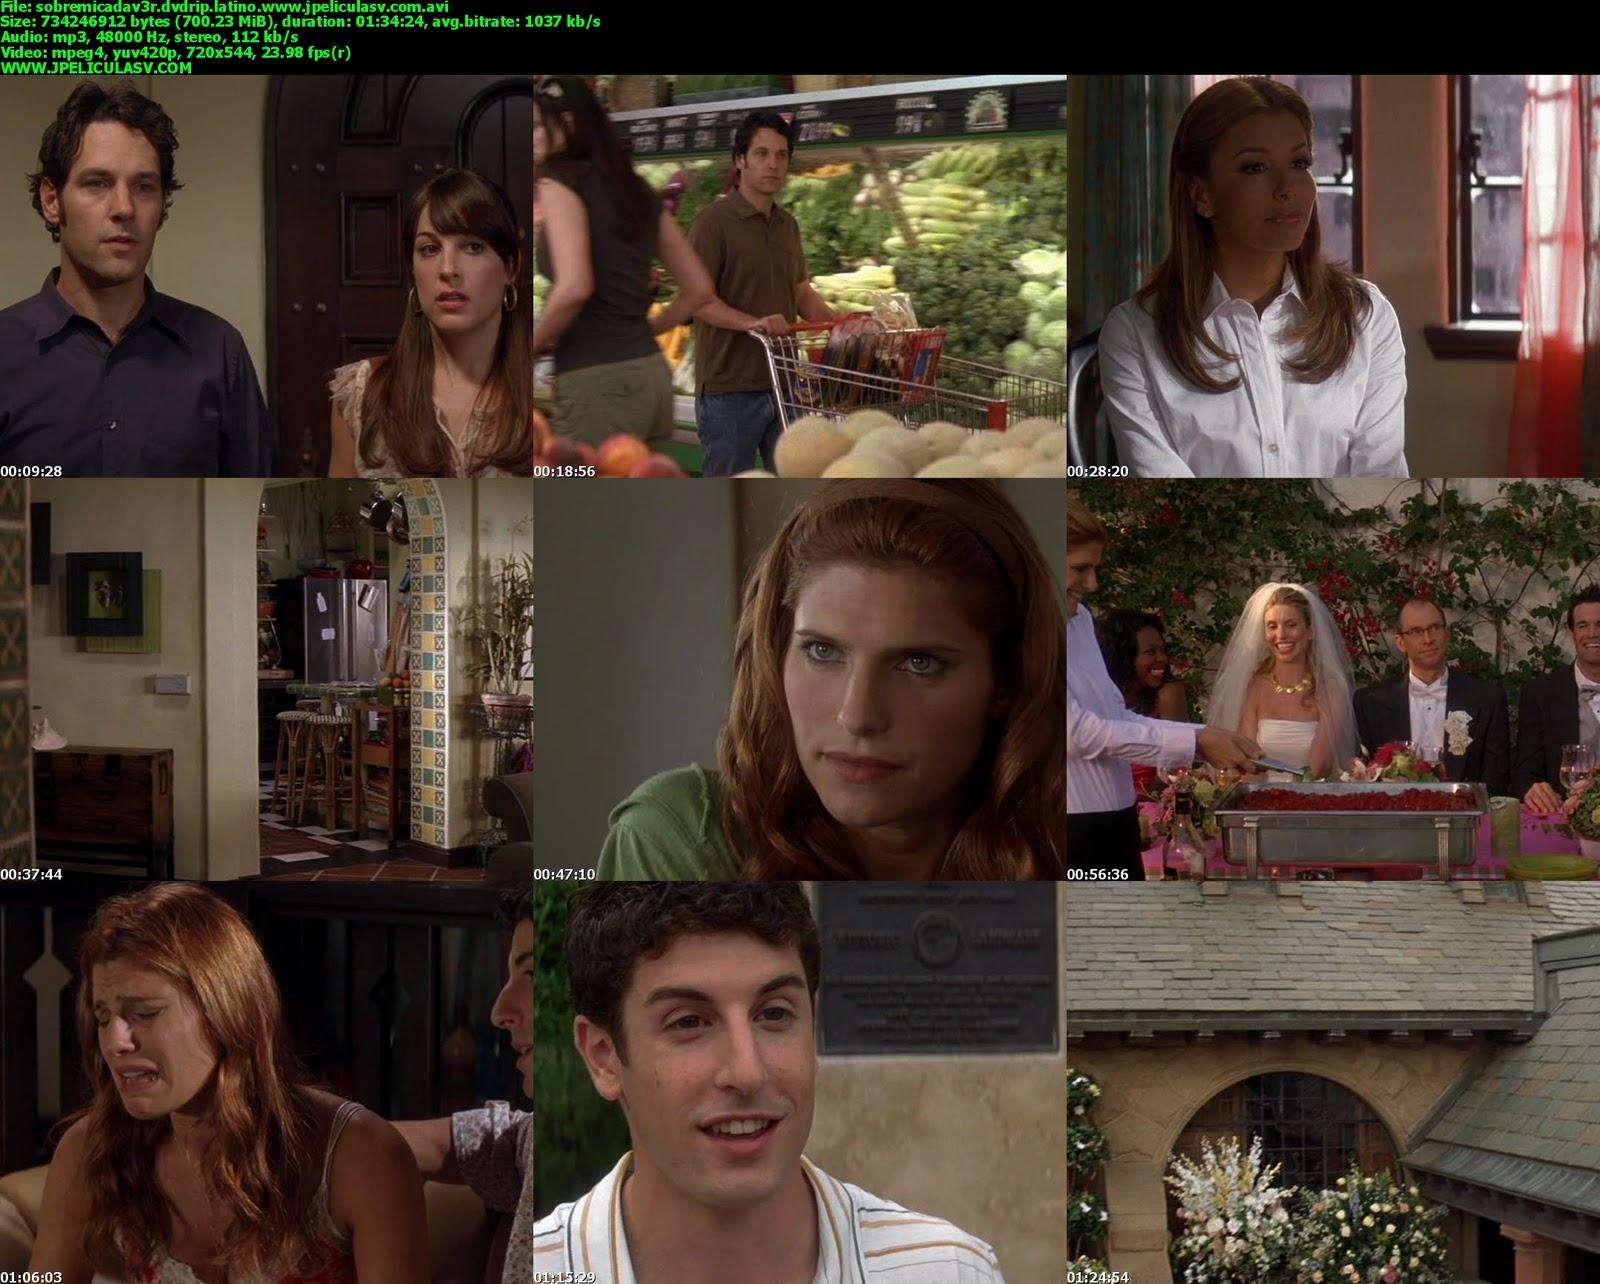 http://4.bp.blogspot.com/-BxDB5XzFqYw/TwtFGrKRPRI/AAAAAAAADwM/P8fgnoTJS6A/s1600/sobremicadav3r.dvdrip.latino.www.jpeliculasv.com_s.jpg